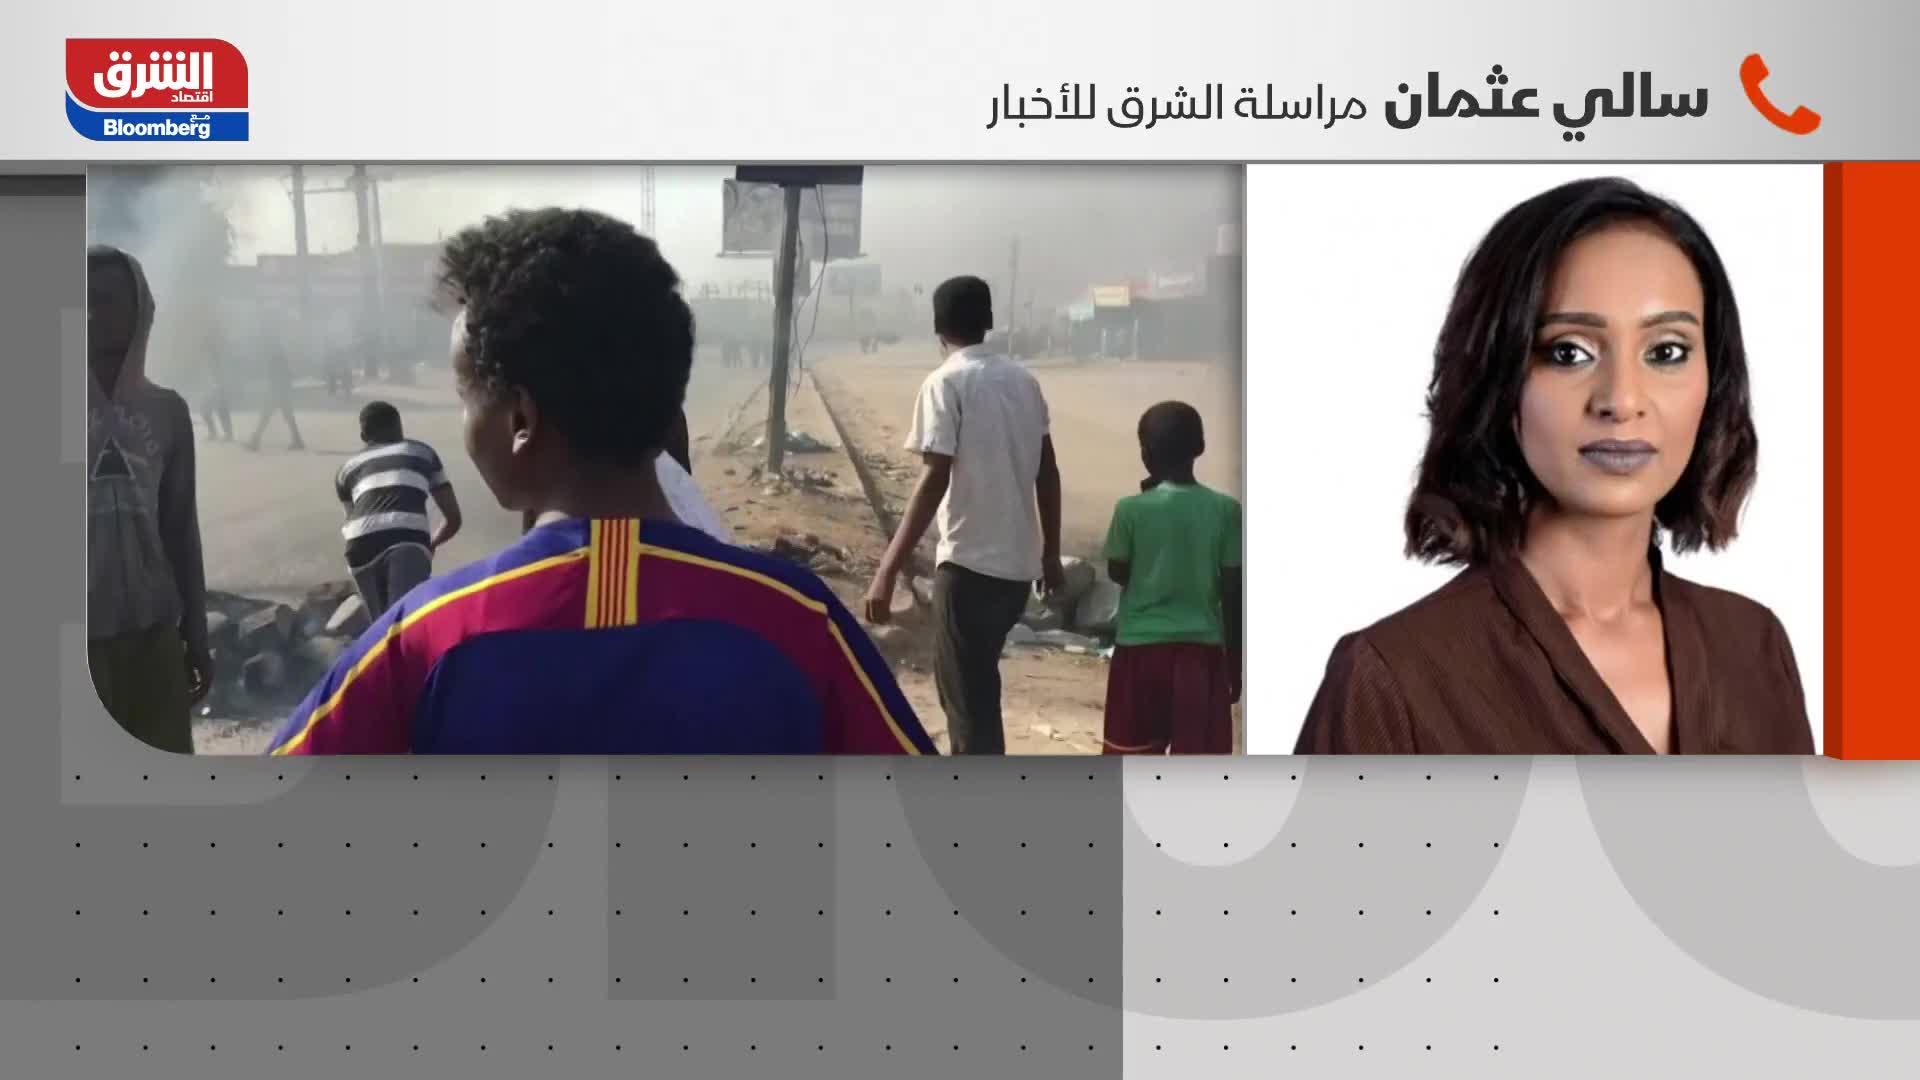 ما هو الوضع الحالي للشارع السوداني؟